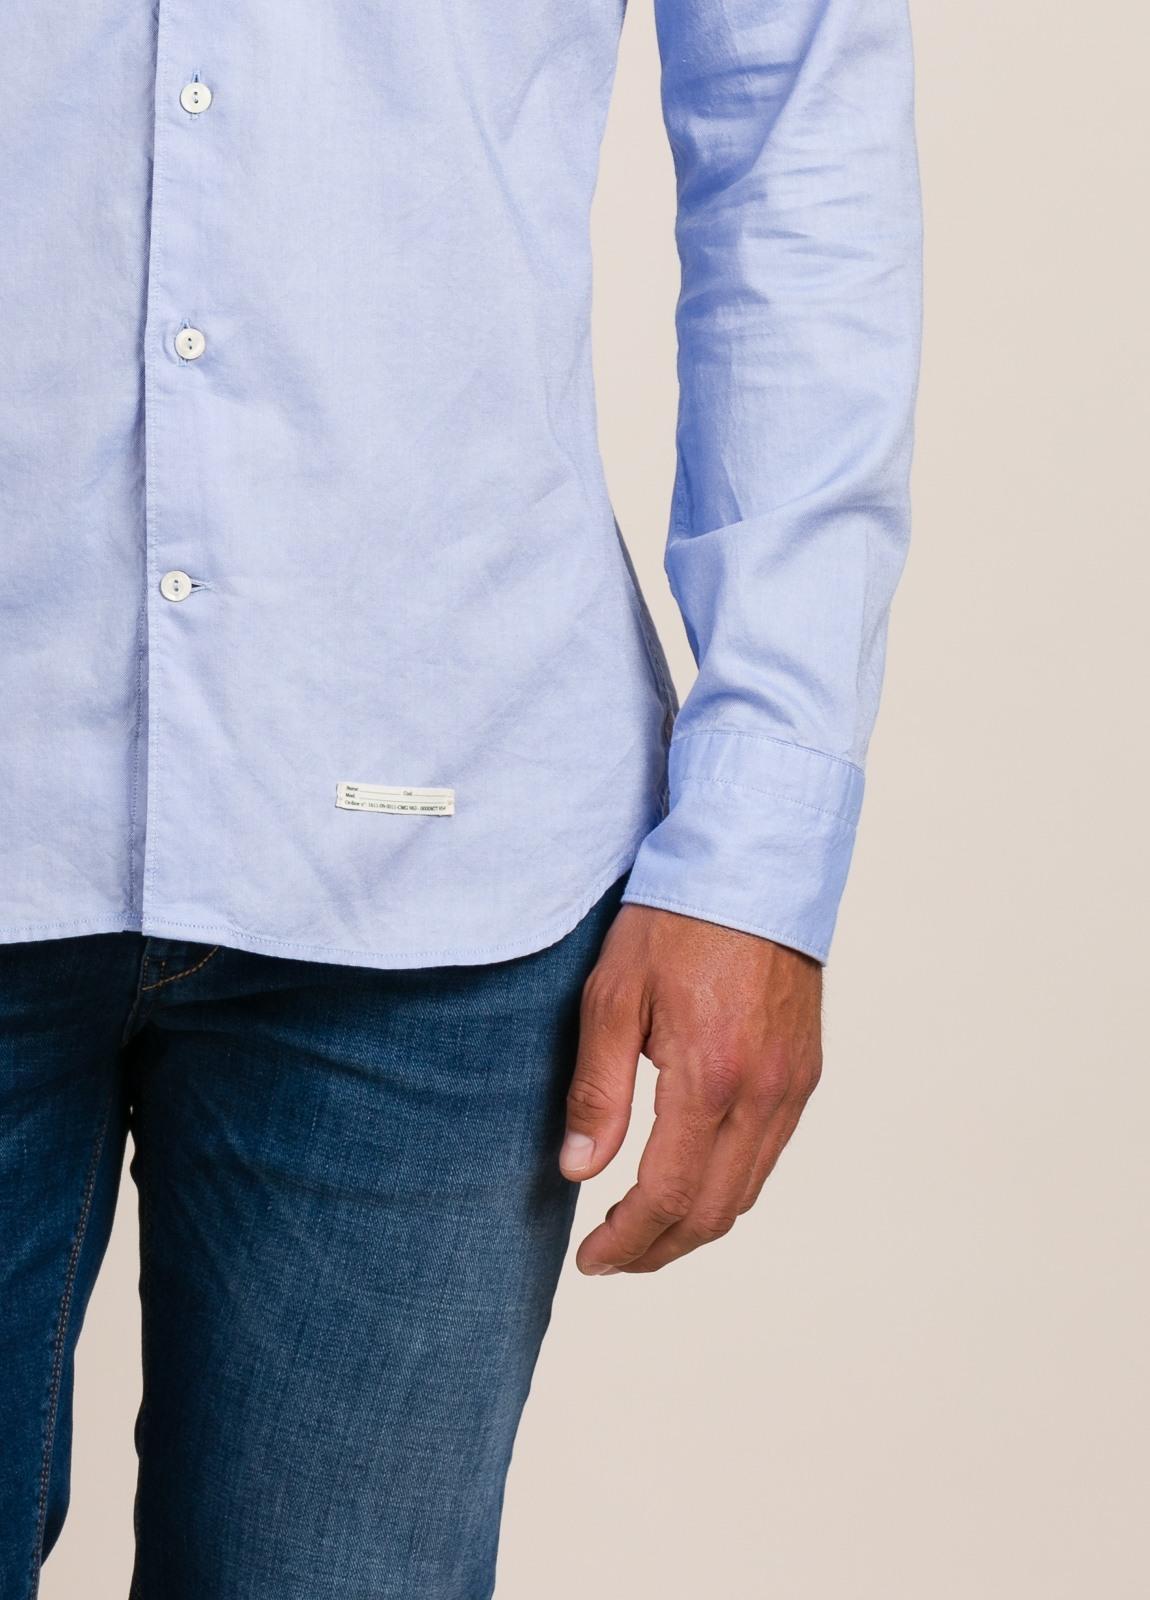 Camisa sport TINTORIA MATEI celeste - Ítem2